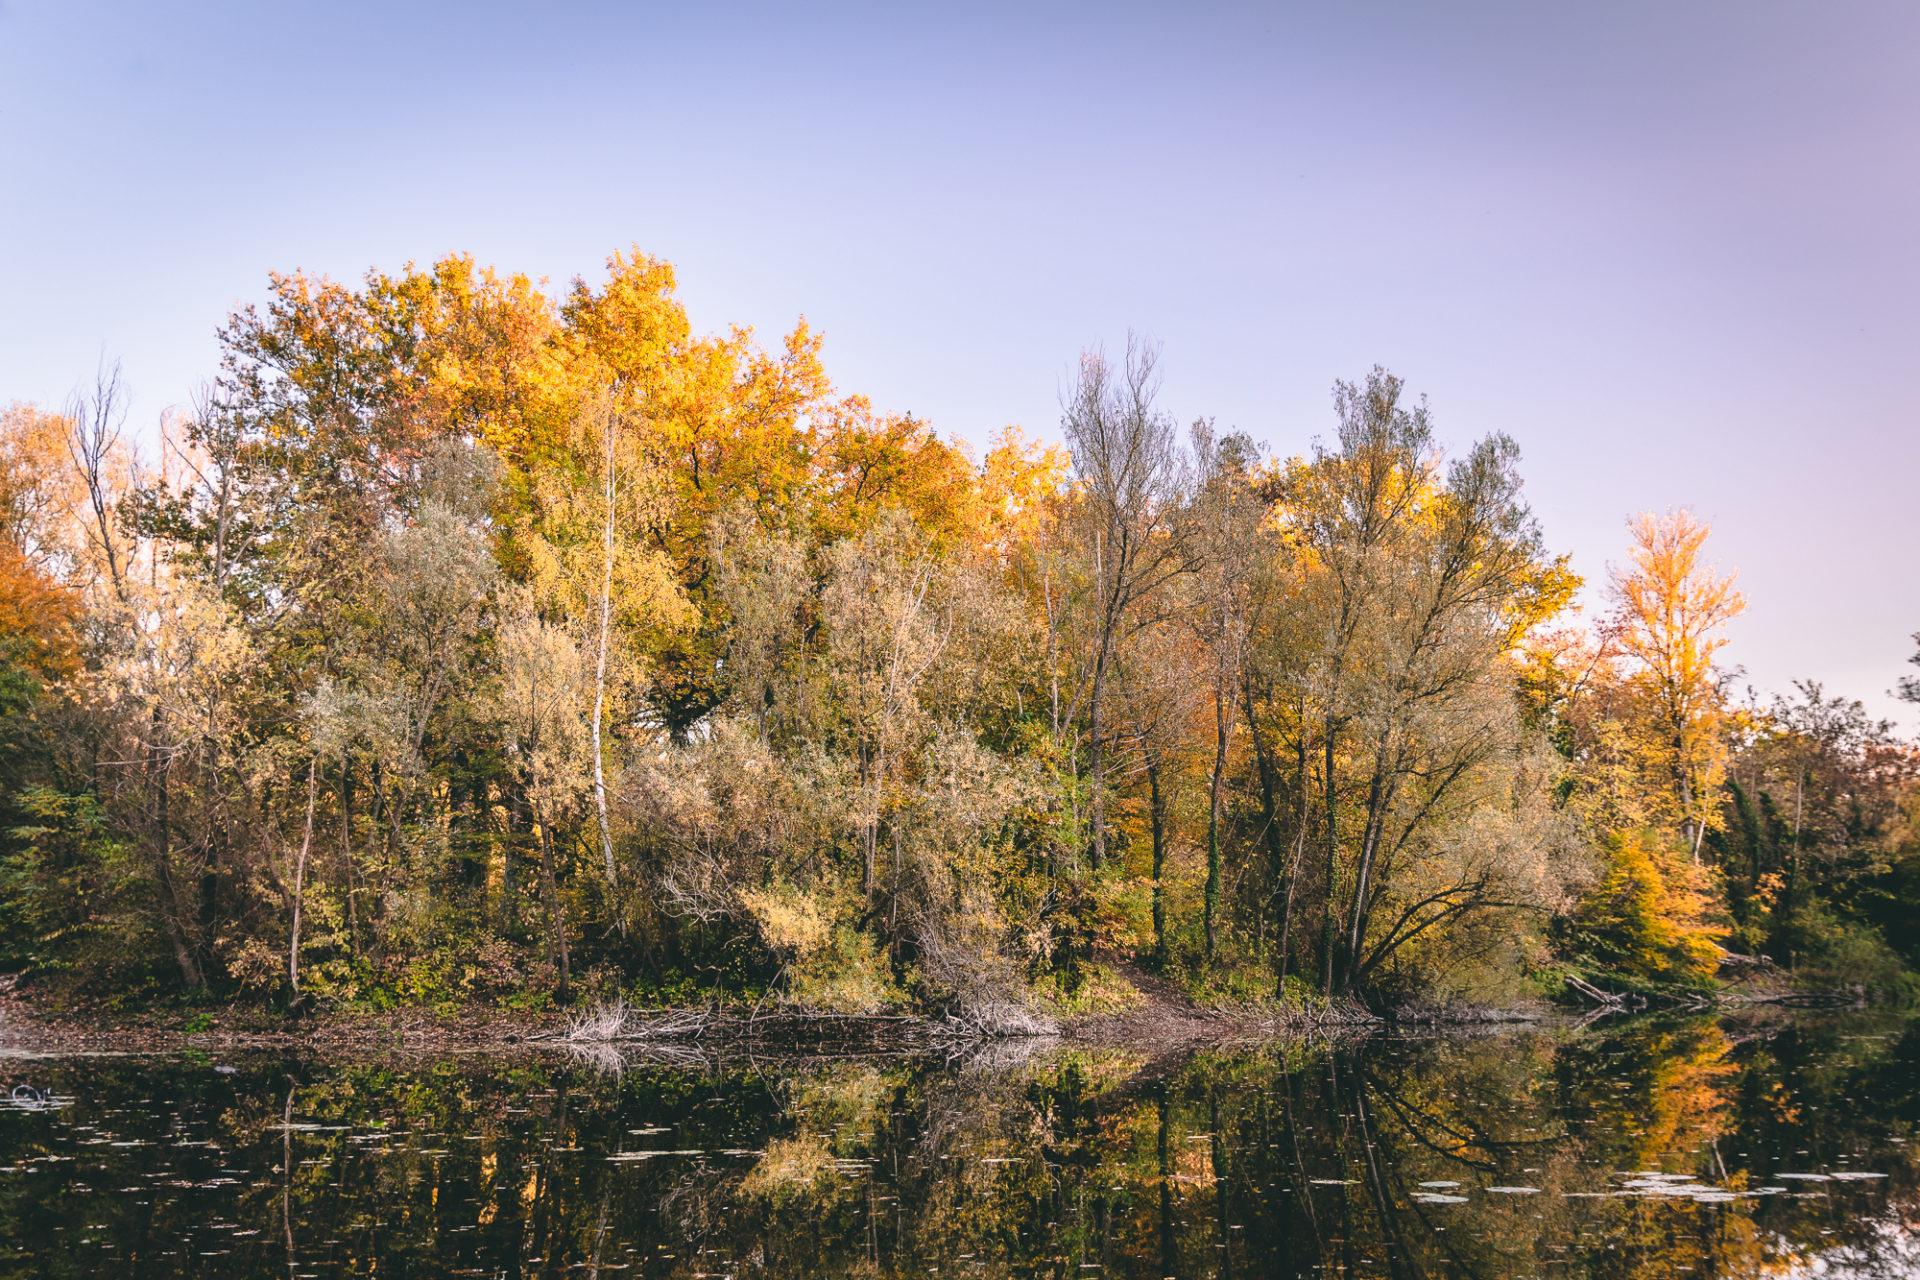 Blick auf den Oberwaldsee mit Spiegelung auf dem Wasser